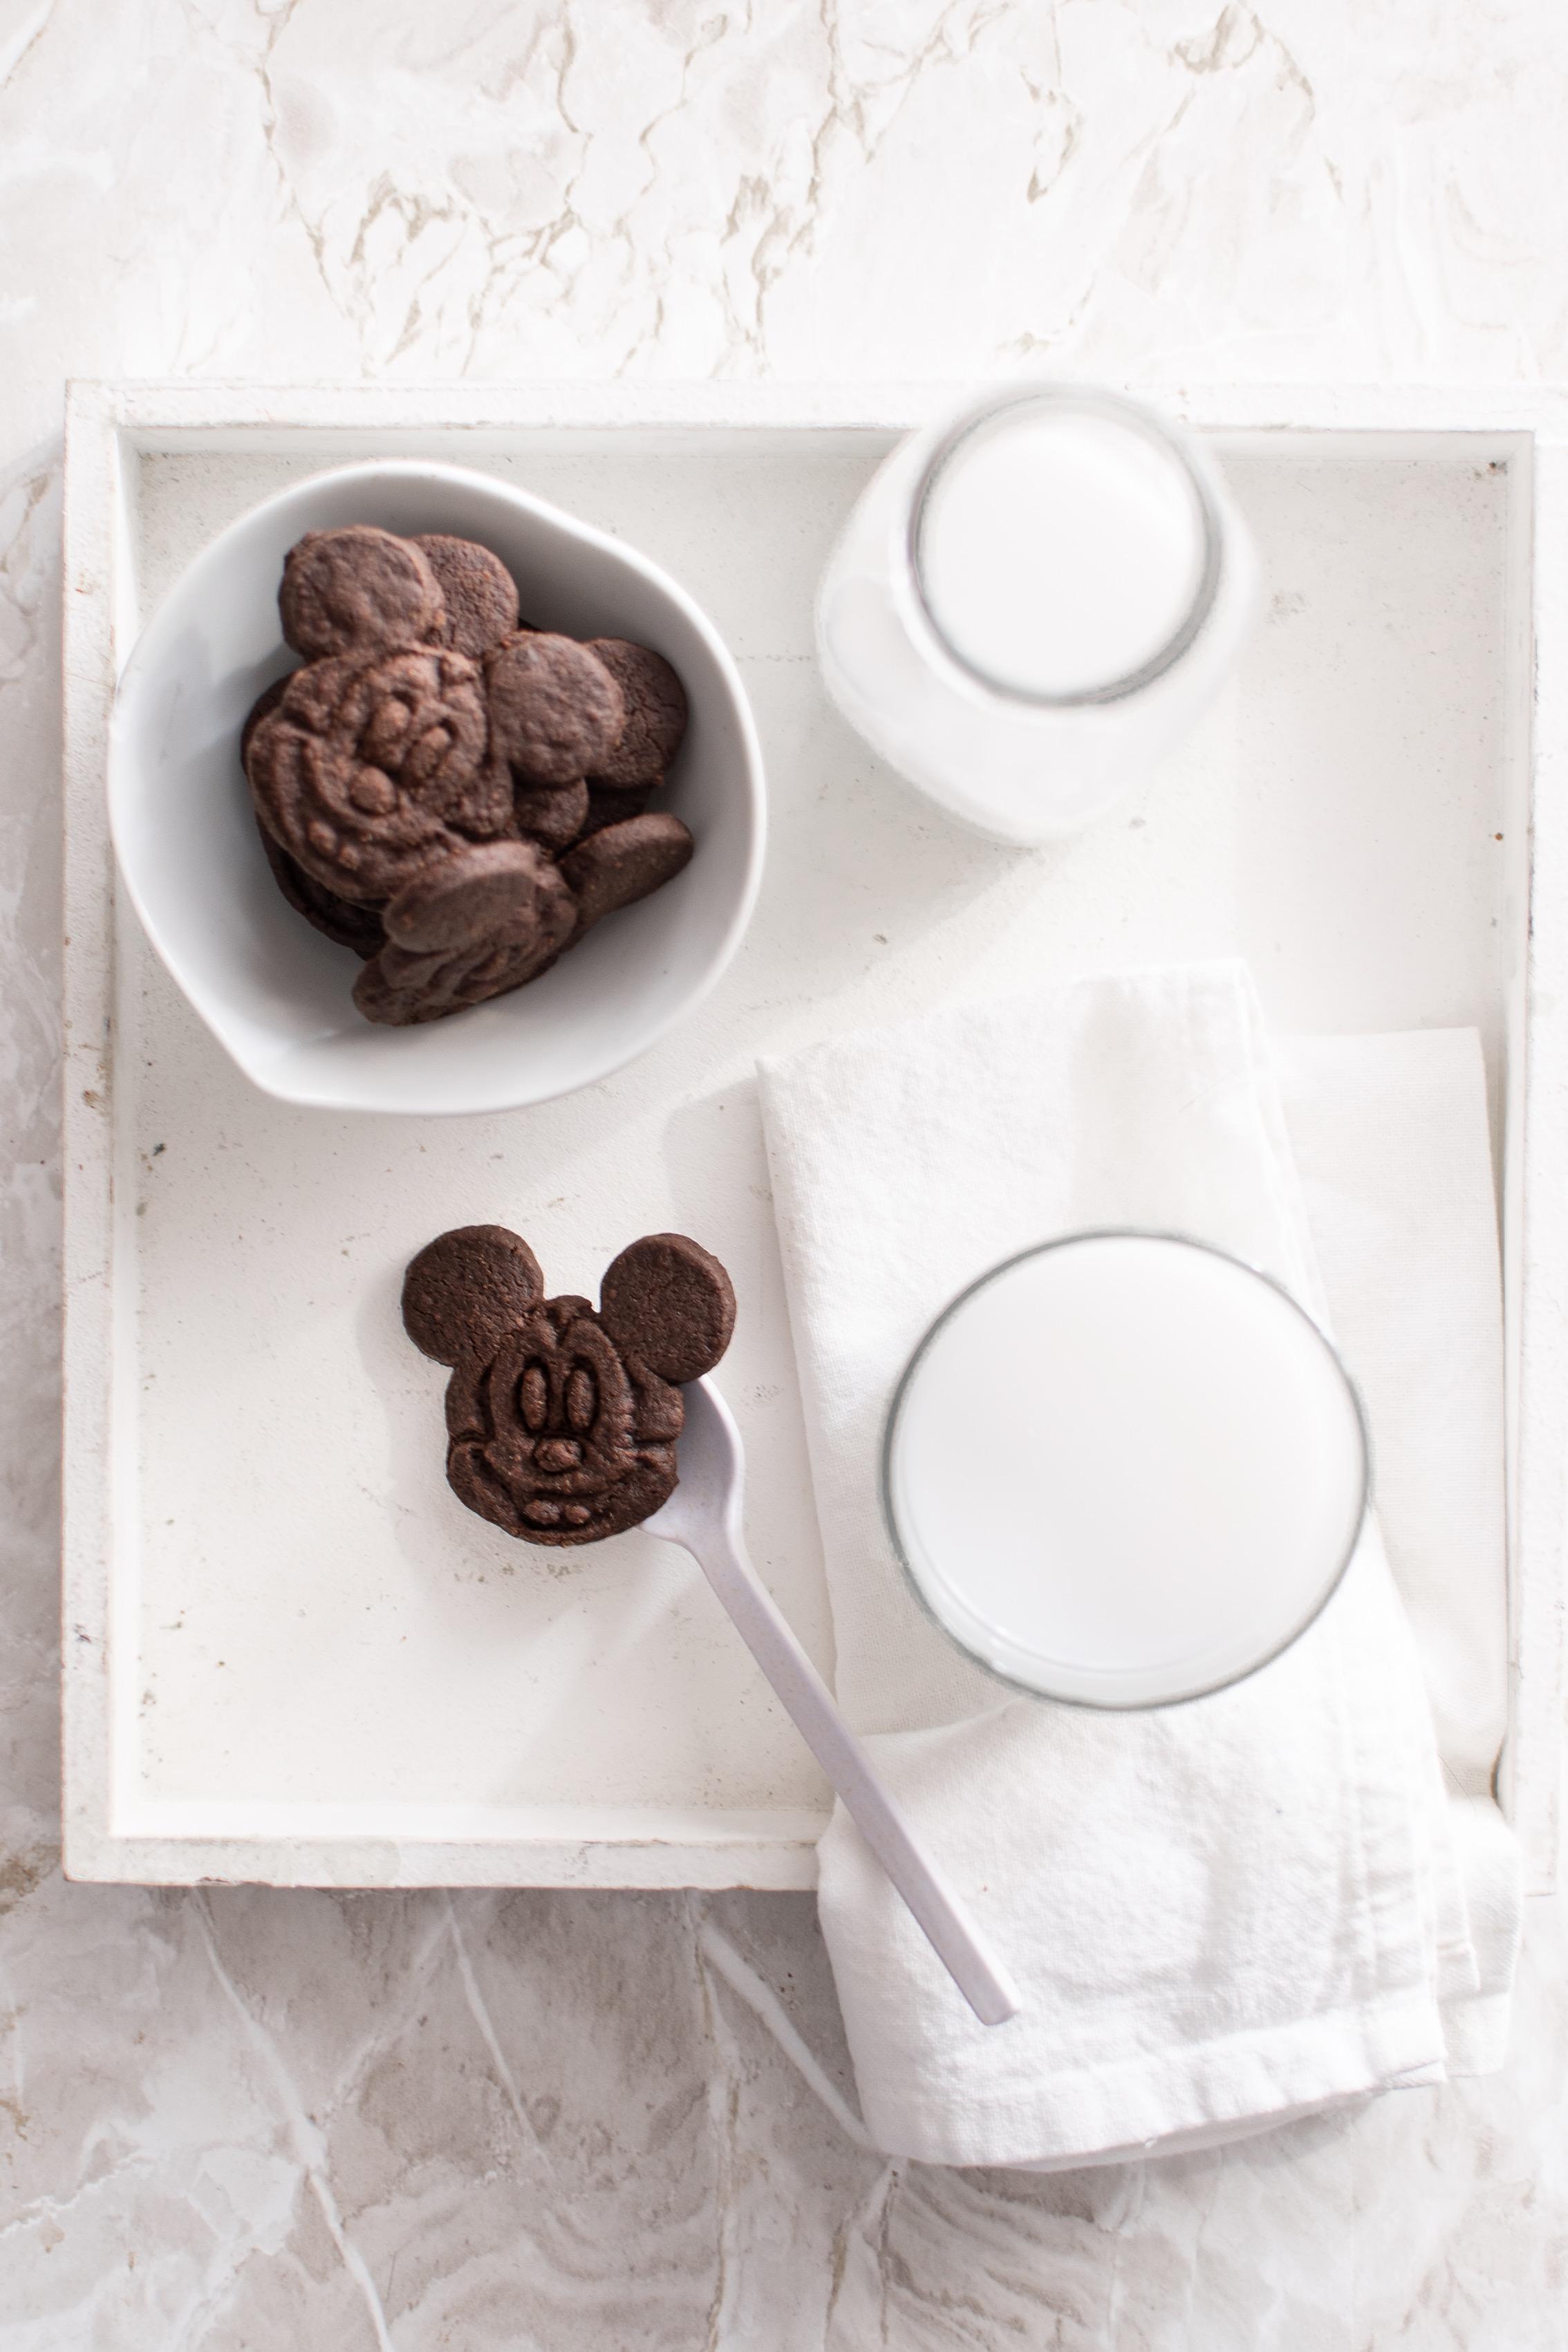 51D87D02-8CD4-433F-8F40-C3AEE701A7C9 Biscotti al cacao